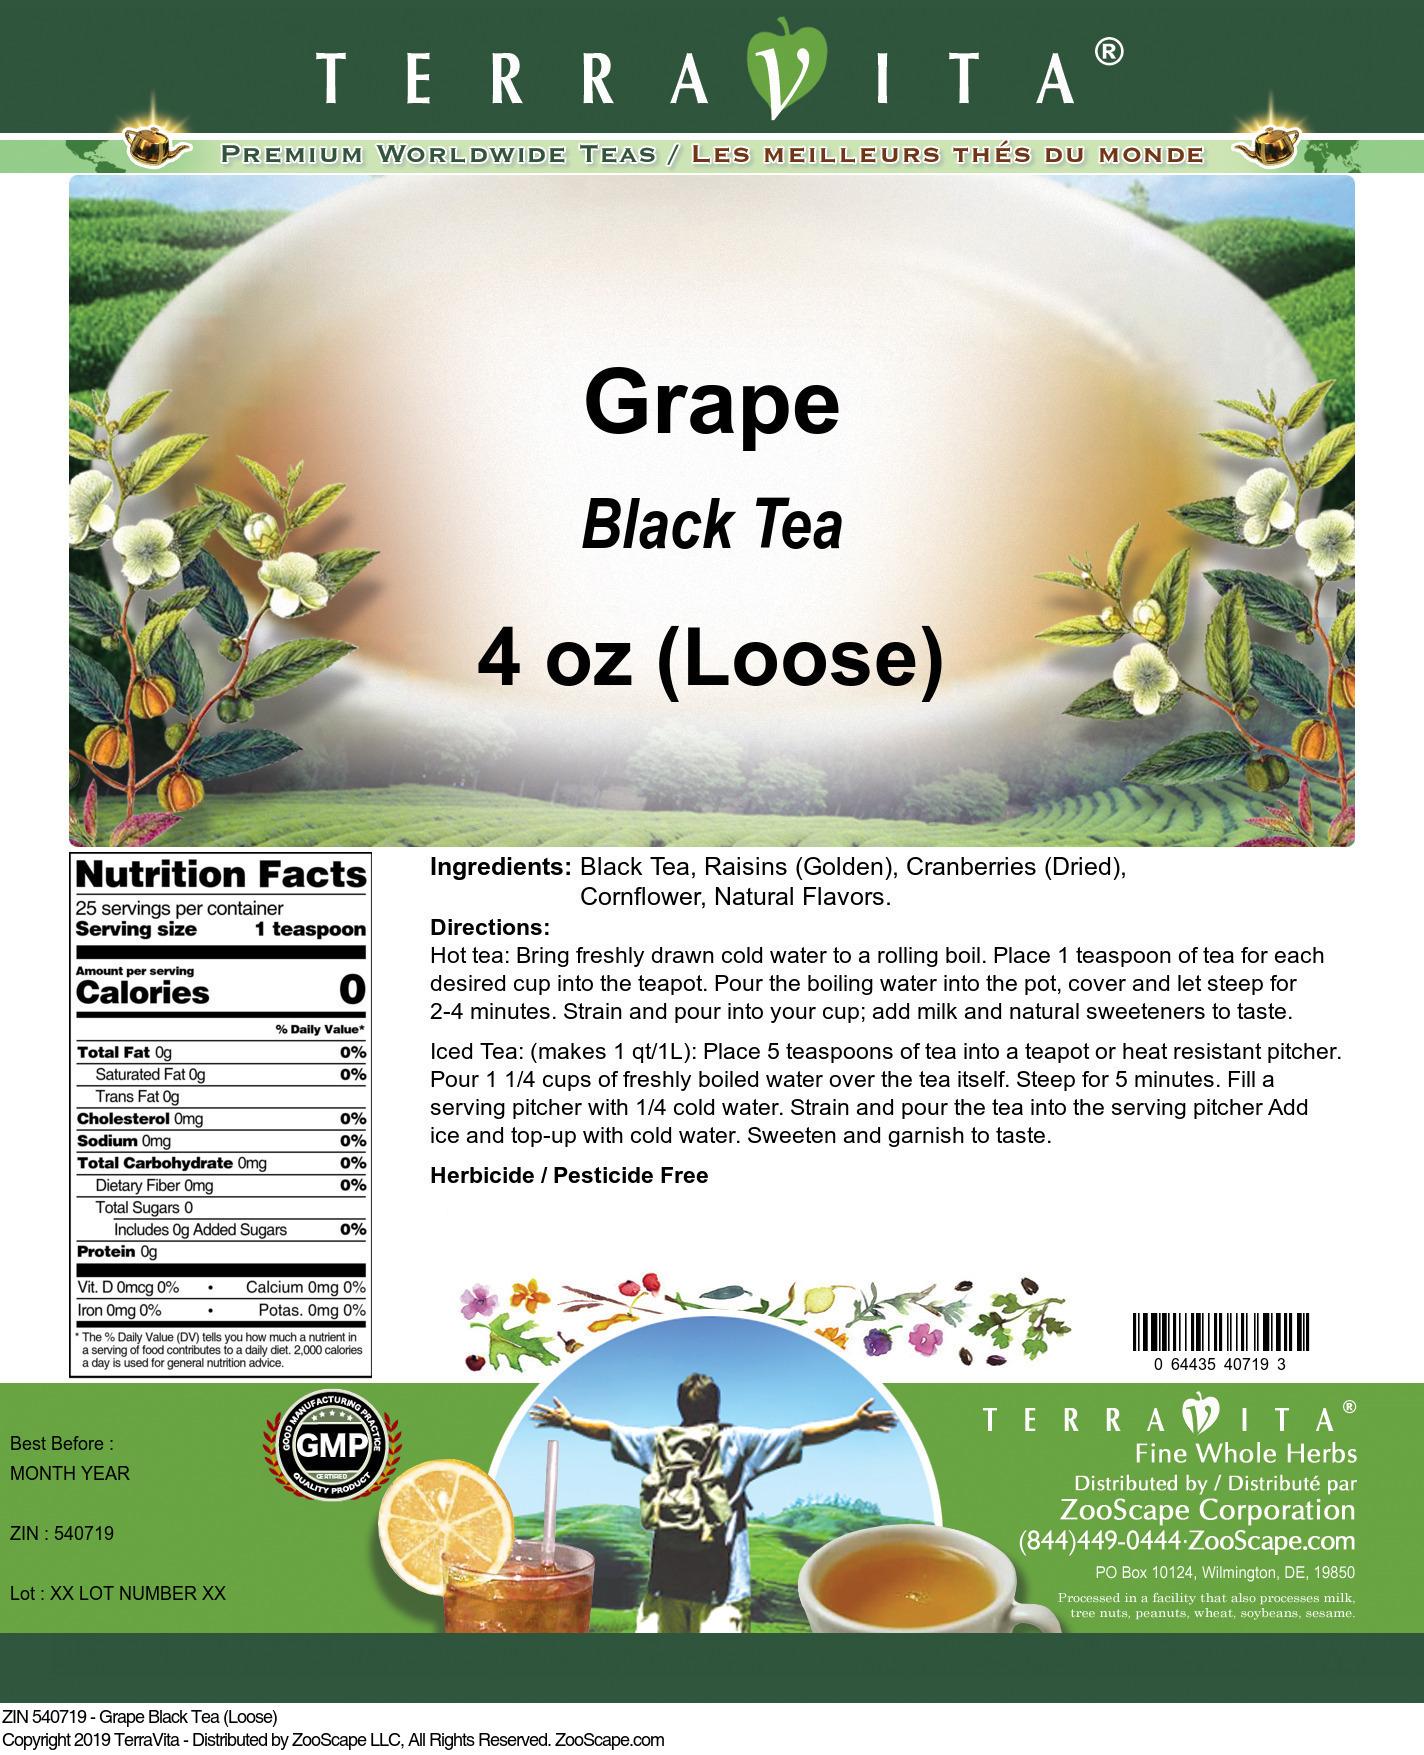 Grape Black Tea